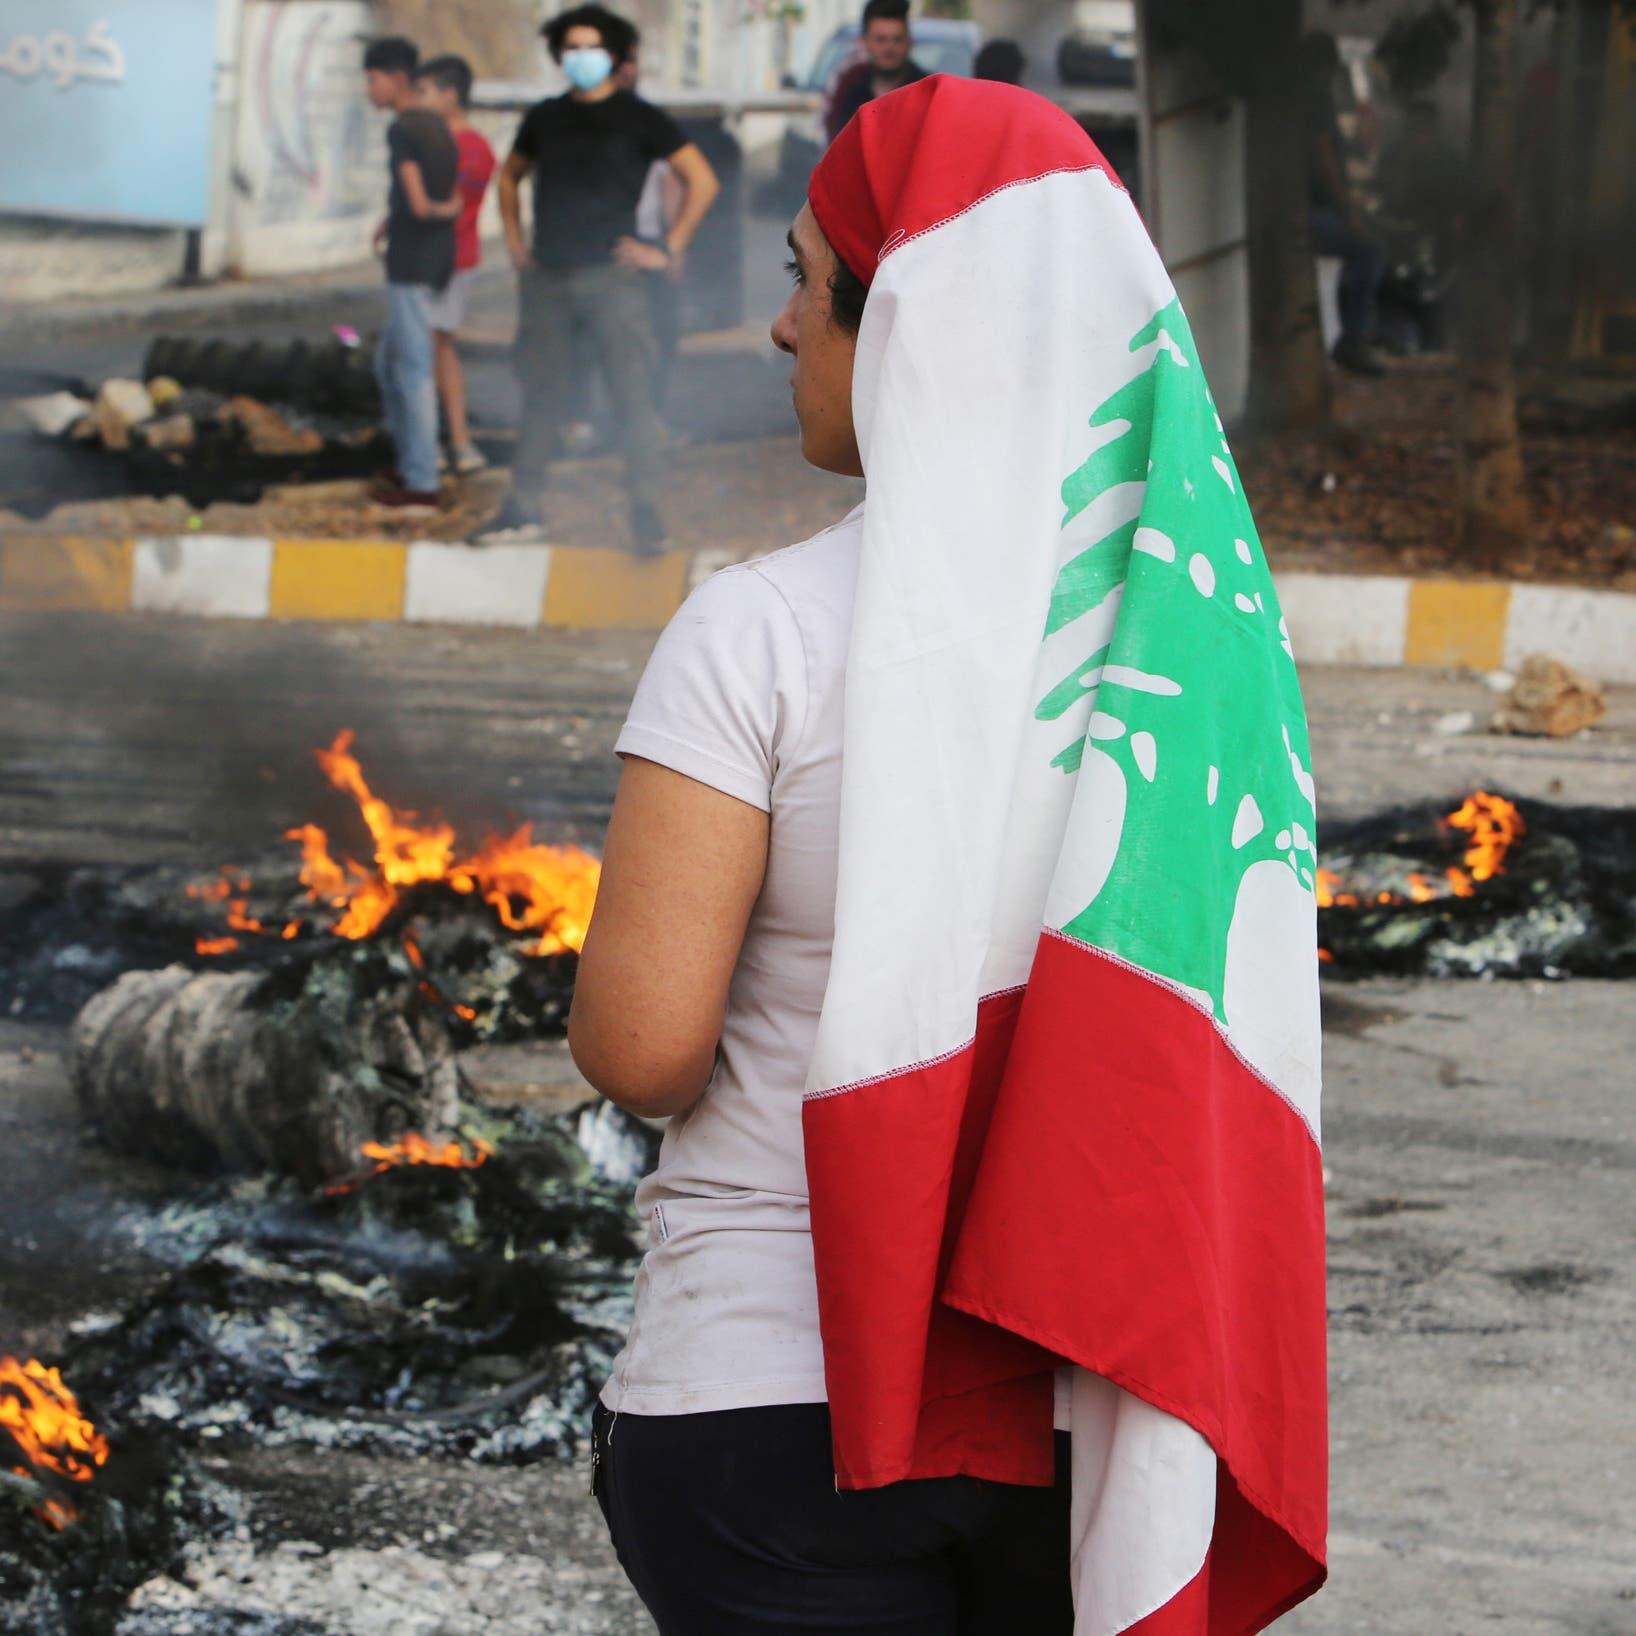 الأمم المتحدة تدعو إلى احتواء التوتر في لبنان